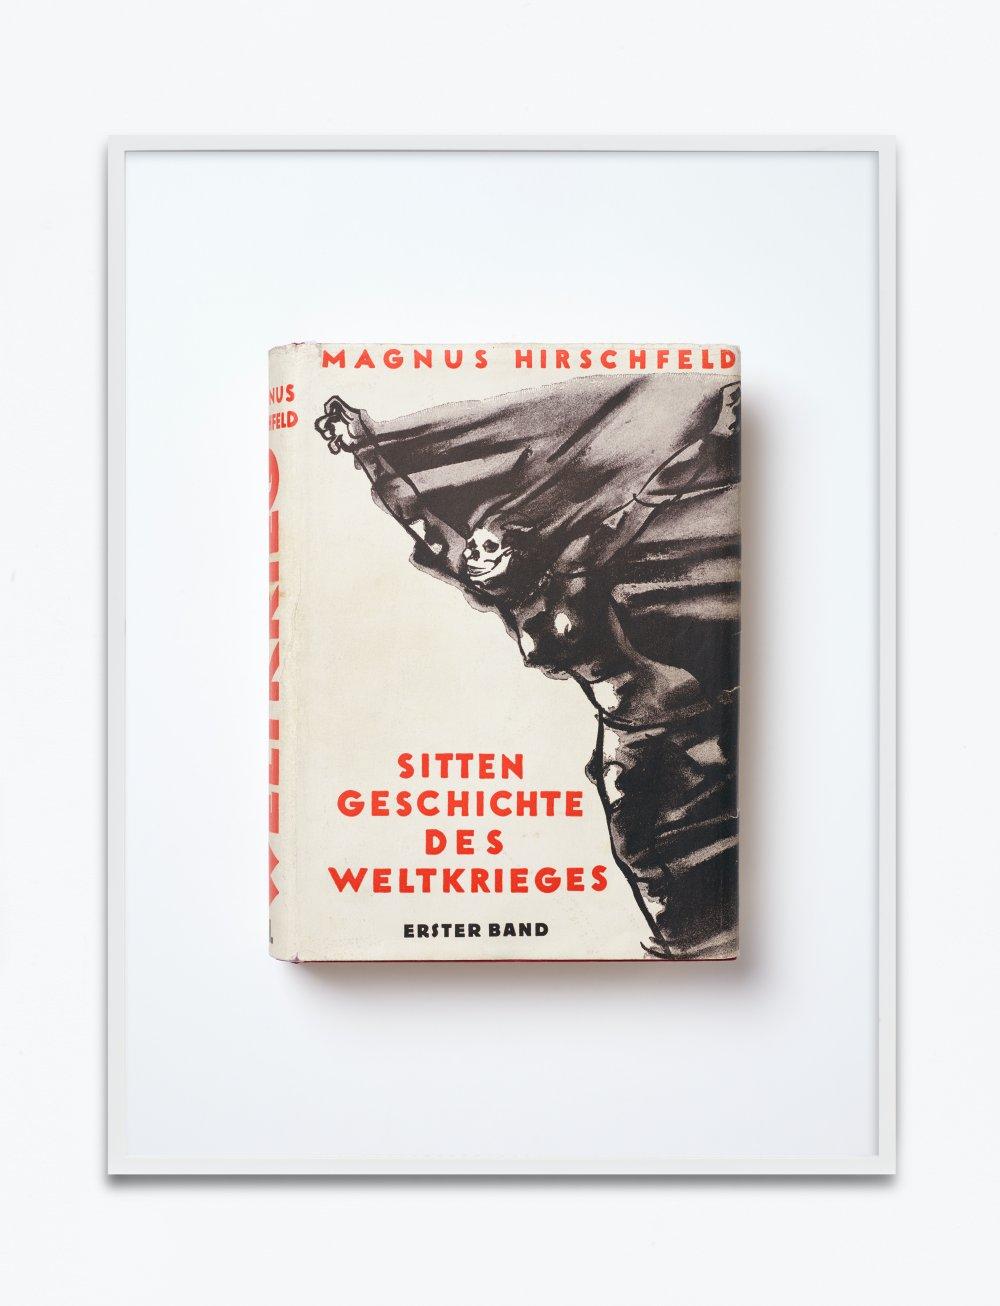 Magnus Hirschfeld, Sittengeschichte des Weltkrieges, 1930, herausgegeben von Sanitätsrat Dr. Magnus Hirschfeld, Erster Band, Verlag für Sexualwissenschaft Schneider & Co., Leipzig, Wien